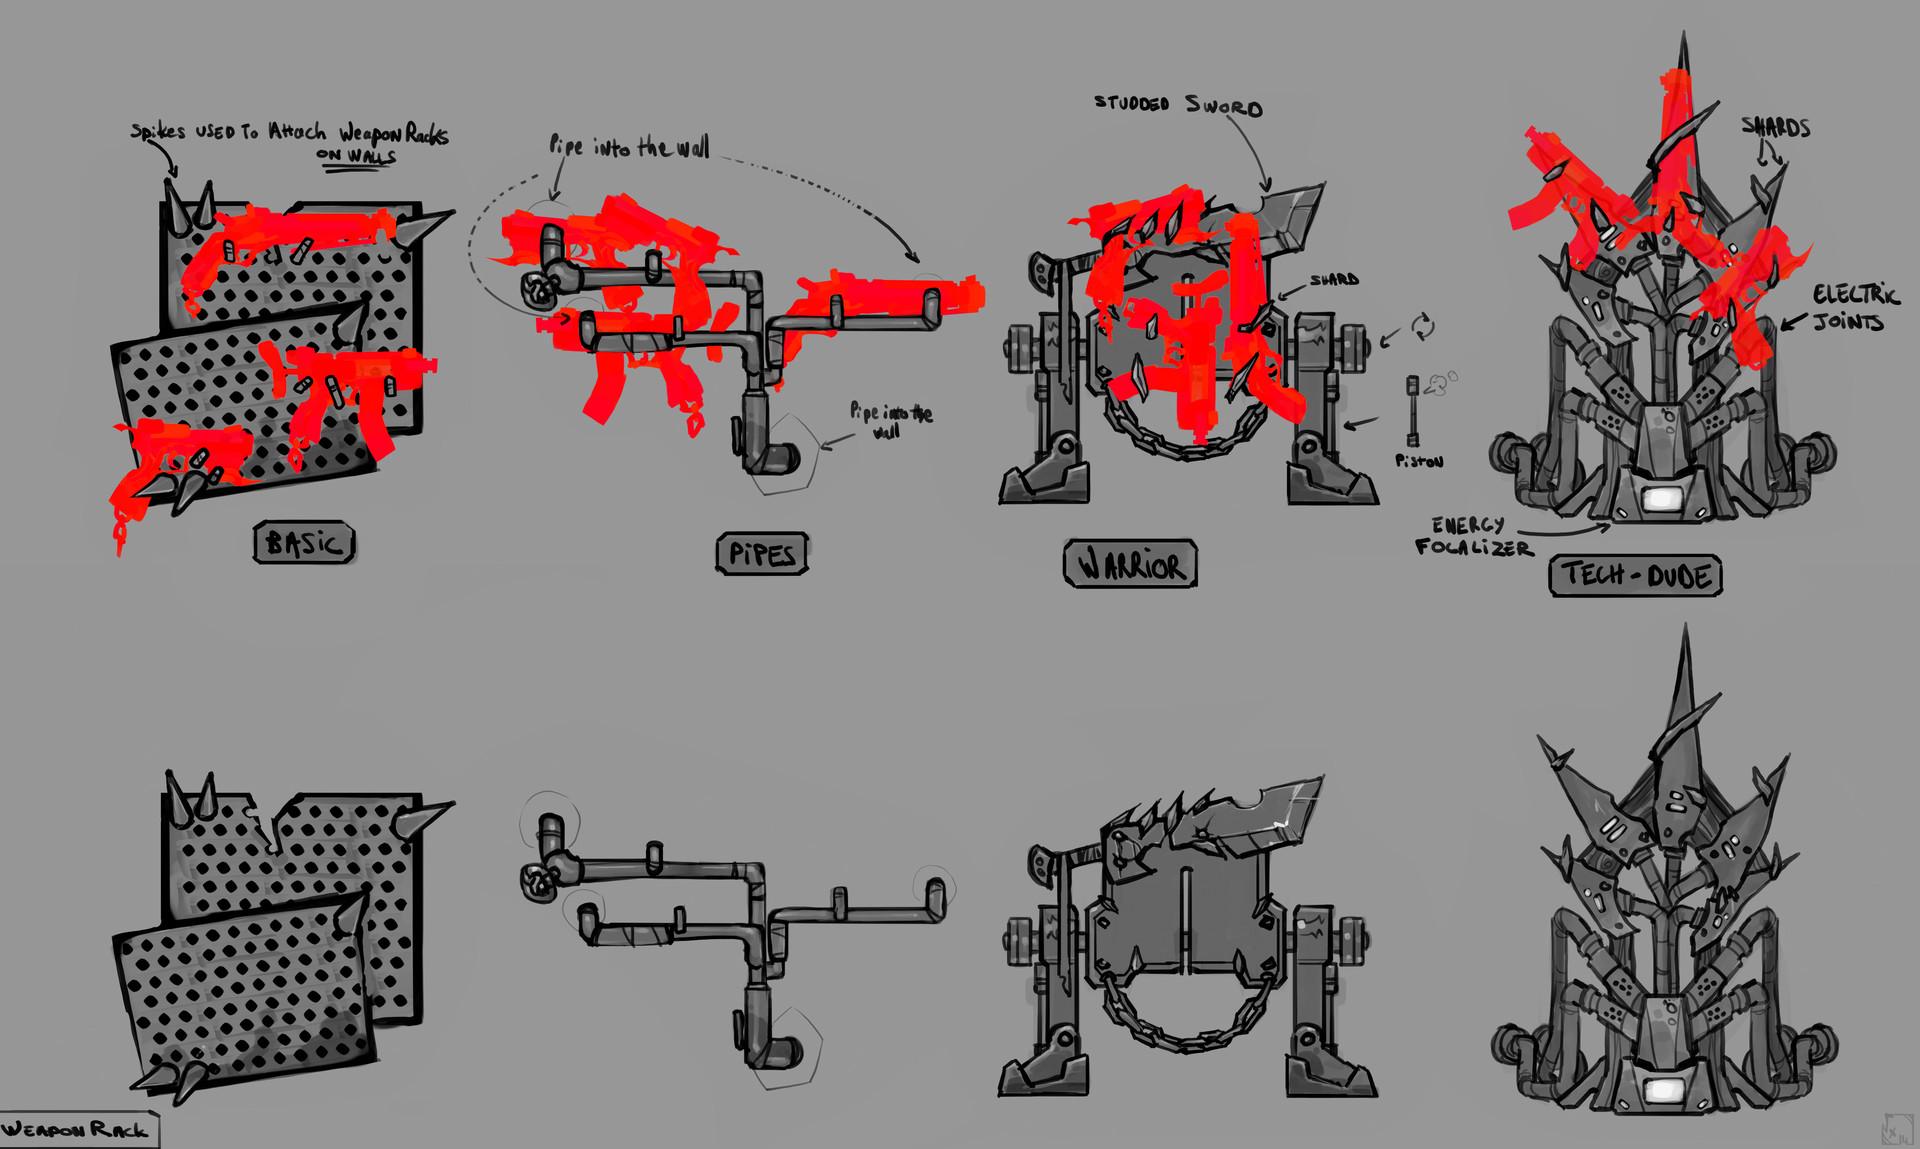 Etienne beschet conceptart weaponrack